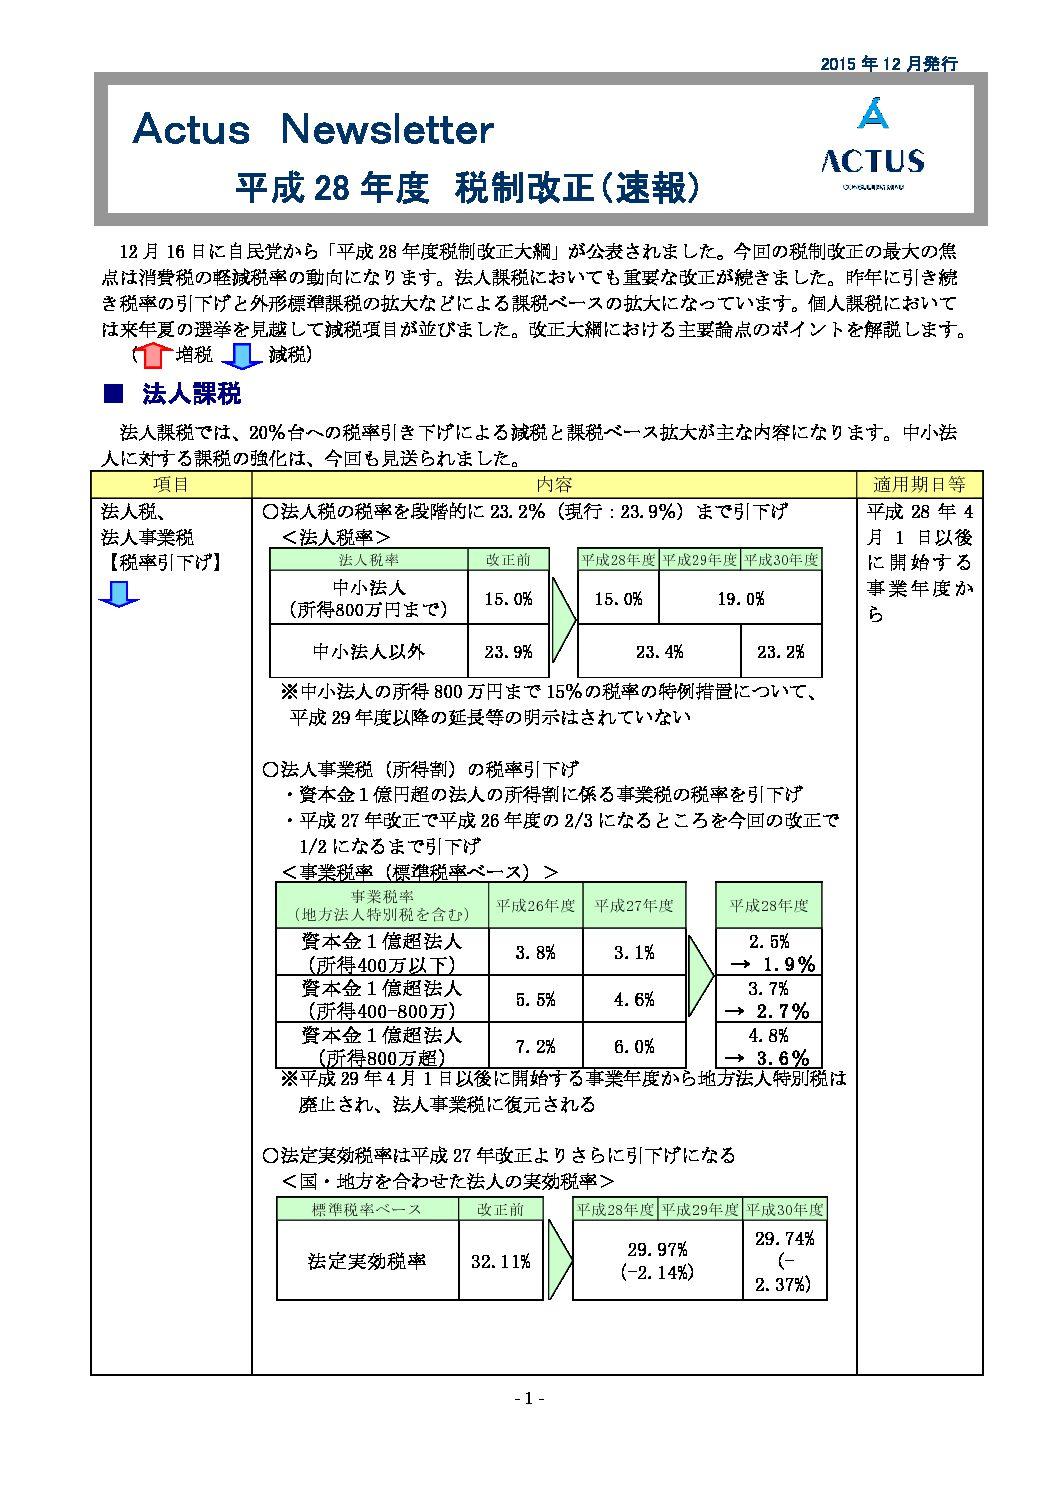 平成28年度税制改正について(速報)